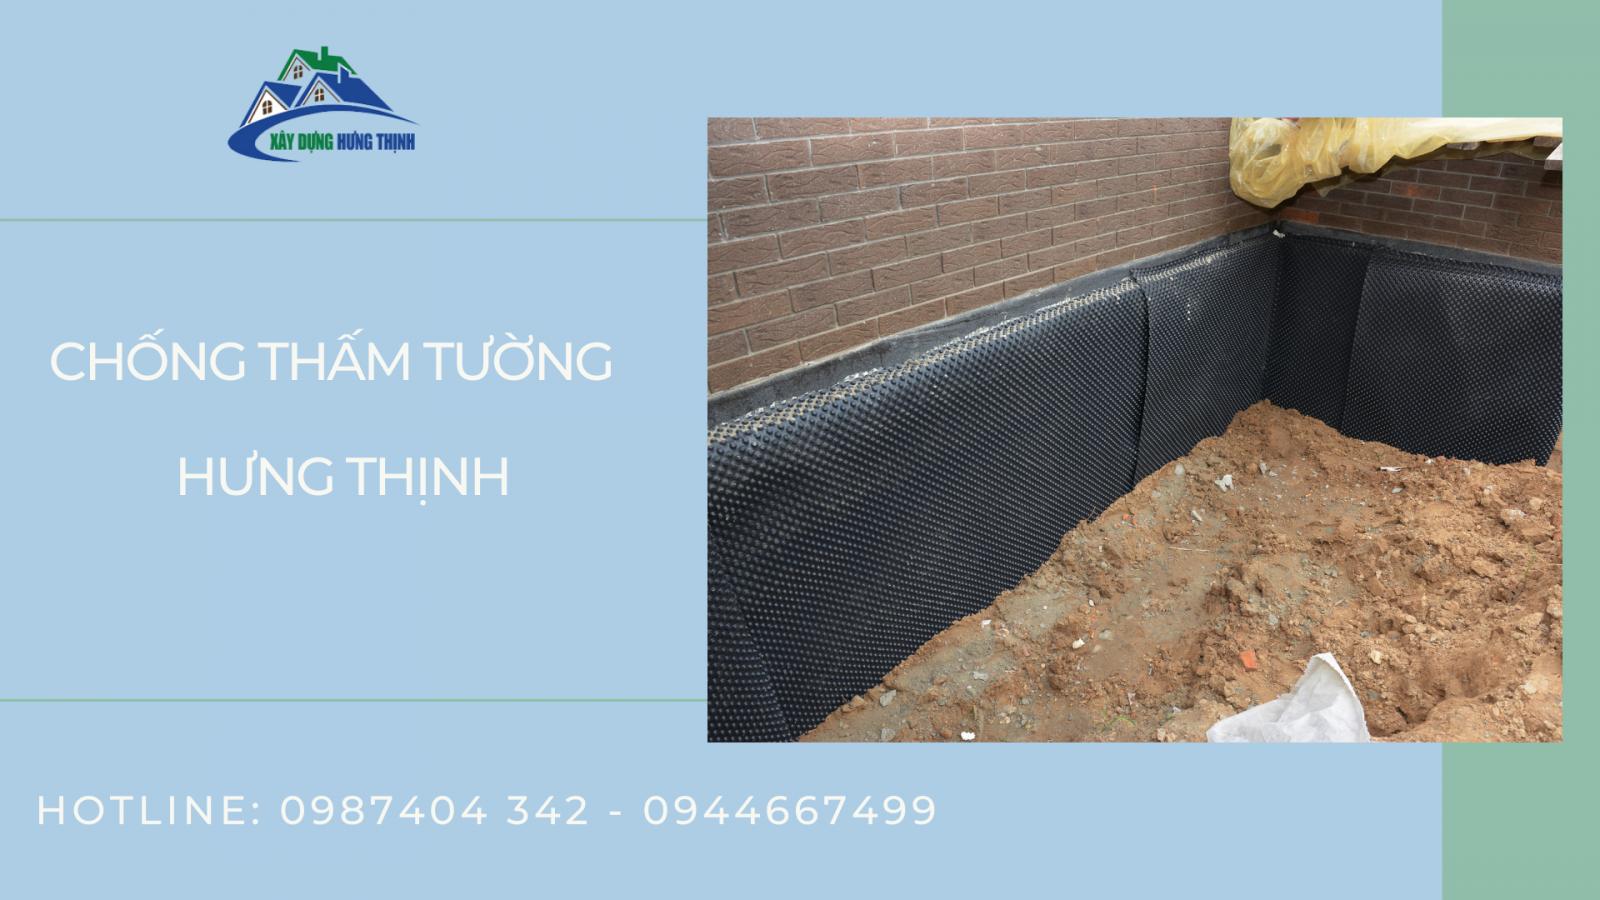 Xây dựng Hưng Thịnh chuyên cung cấp dịch vụ chống thấm tường chuyên nghiệp